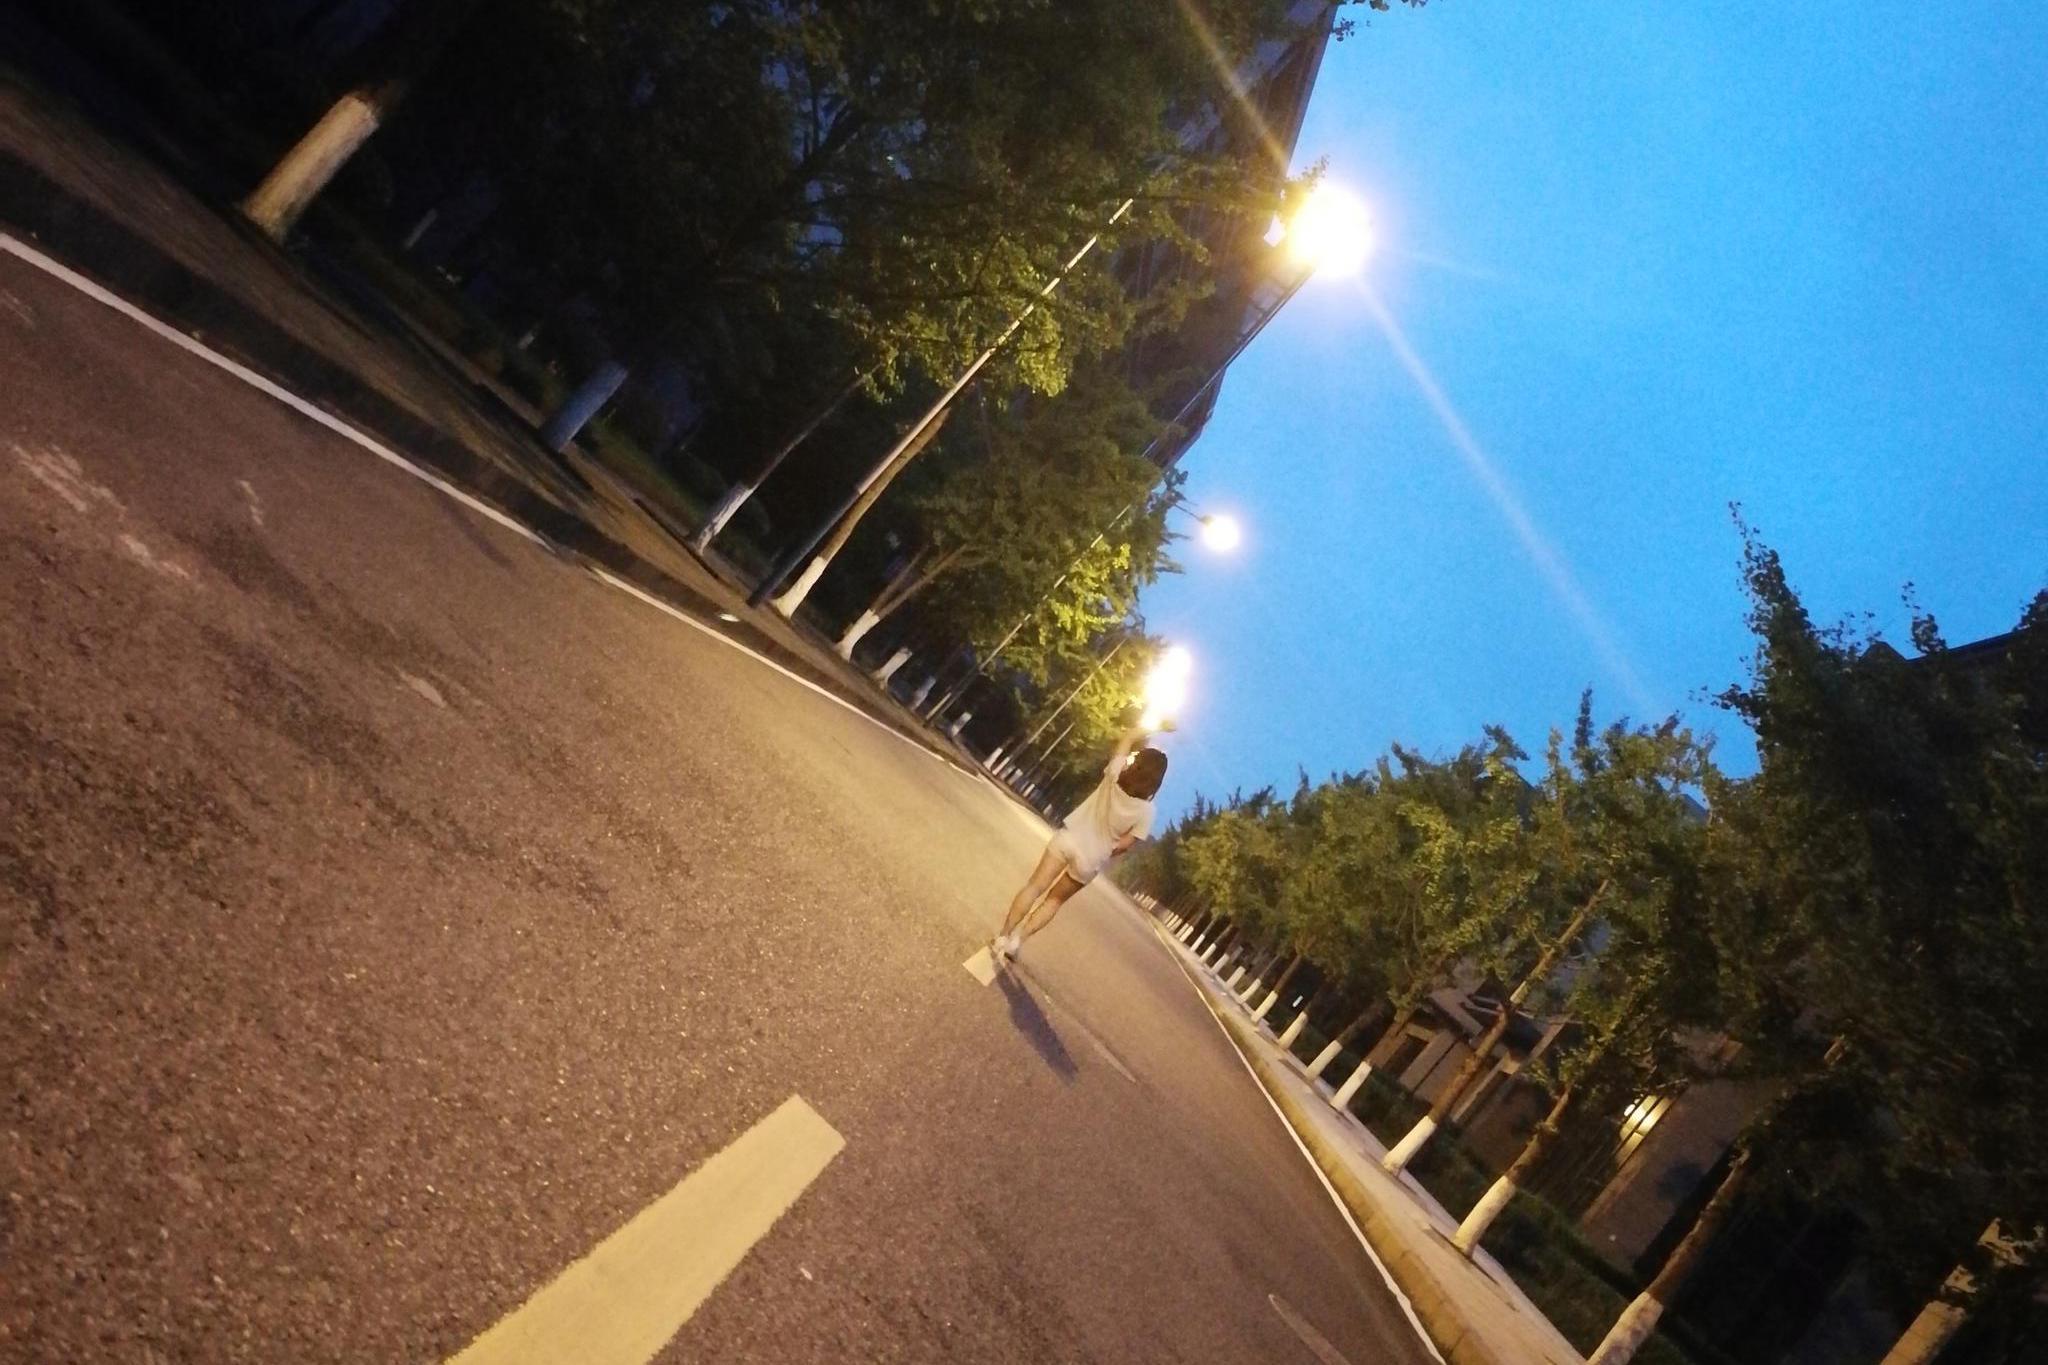 华为P10在4年前的夜晚拍摄的照片,今天看后如何评价